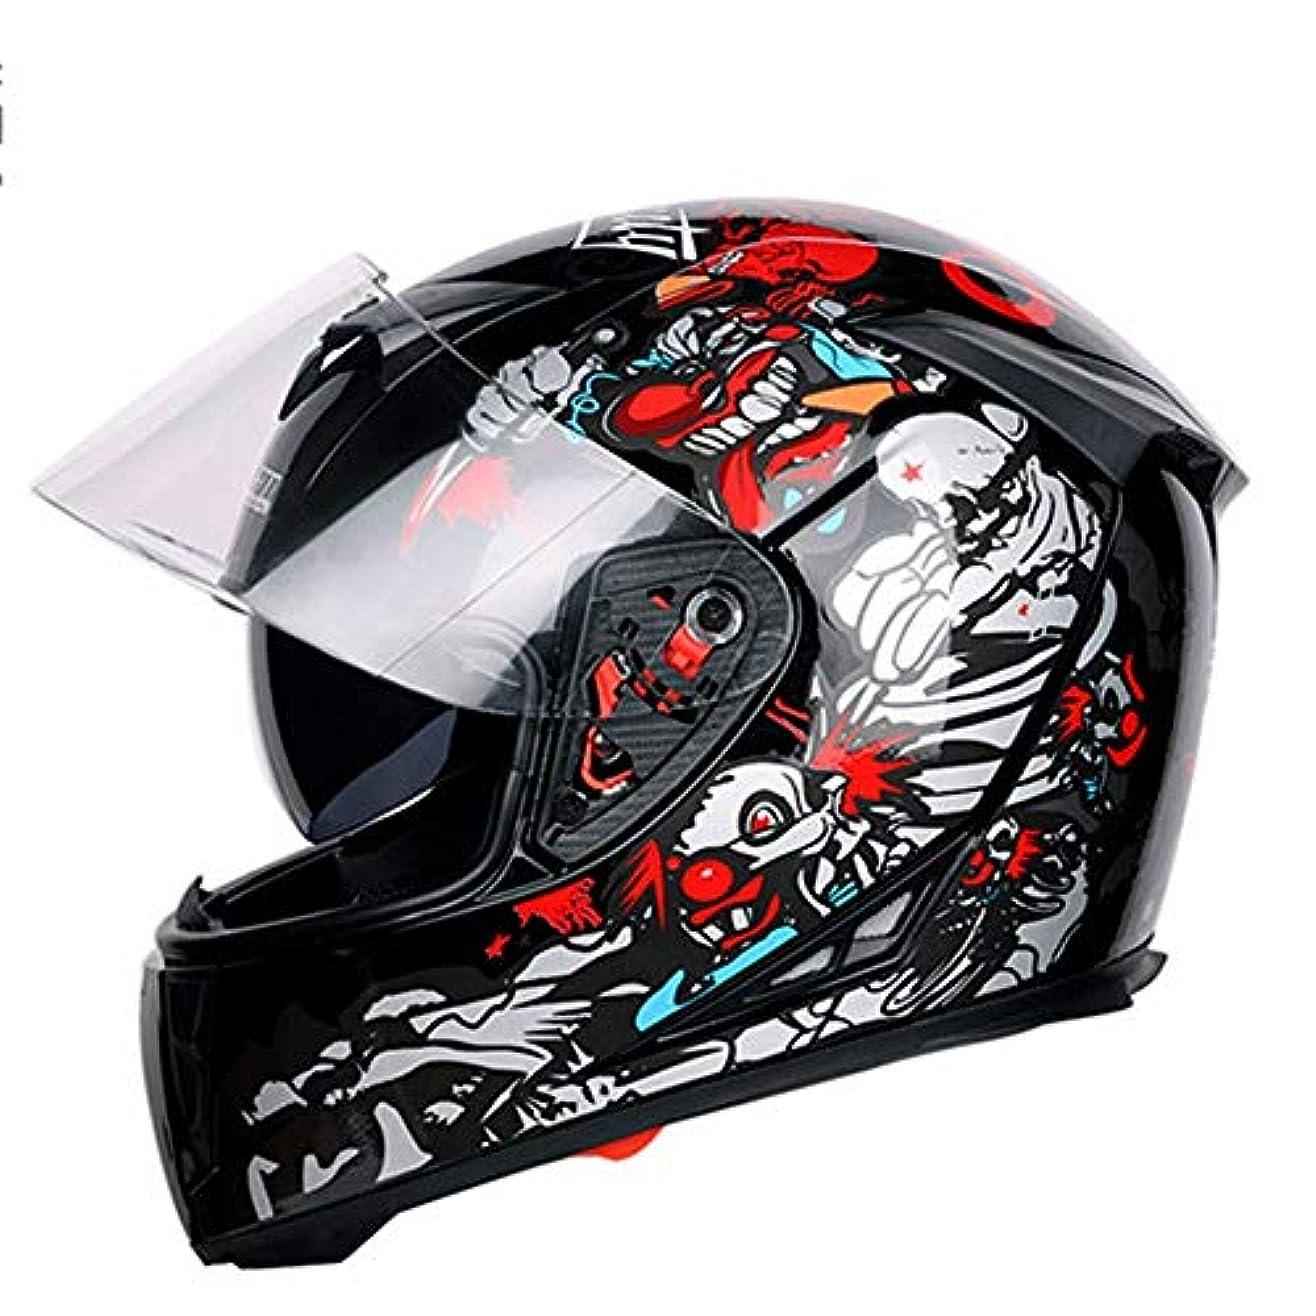 エジプト愛撫アミューズHYH ヘルメットオートバイ電気自動車ダブルレンズ防曇ヘルメットフルヘルメットヘルメット - ブラックピエロ いい人生 (Size : XXL)